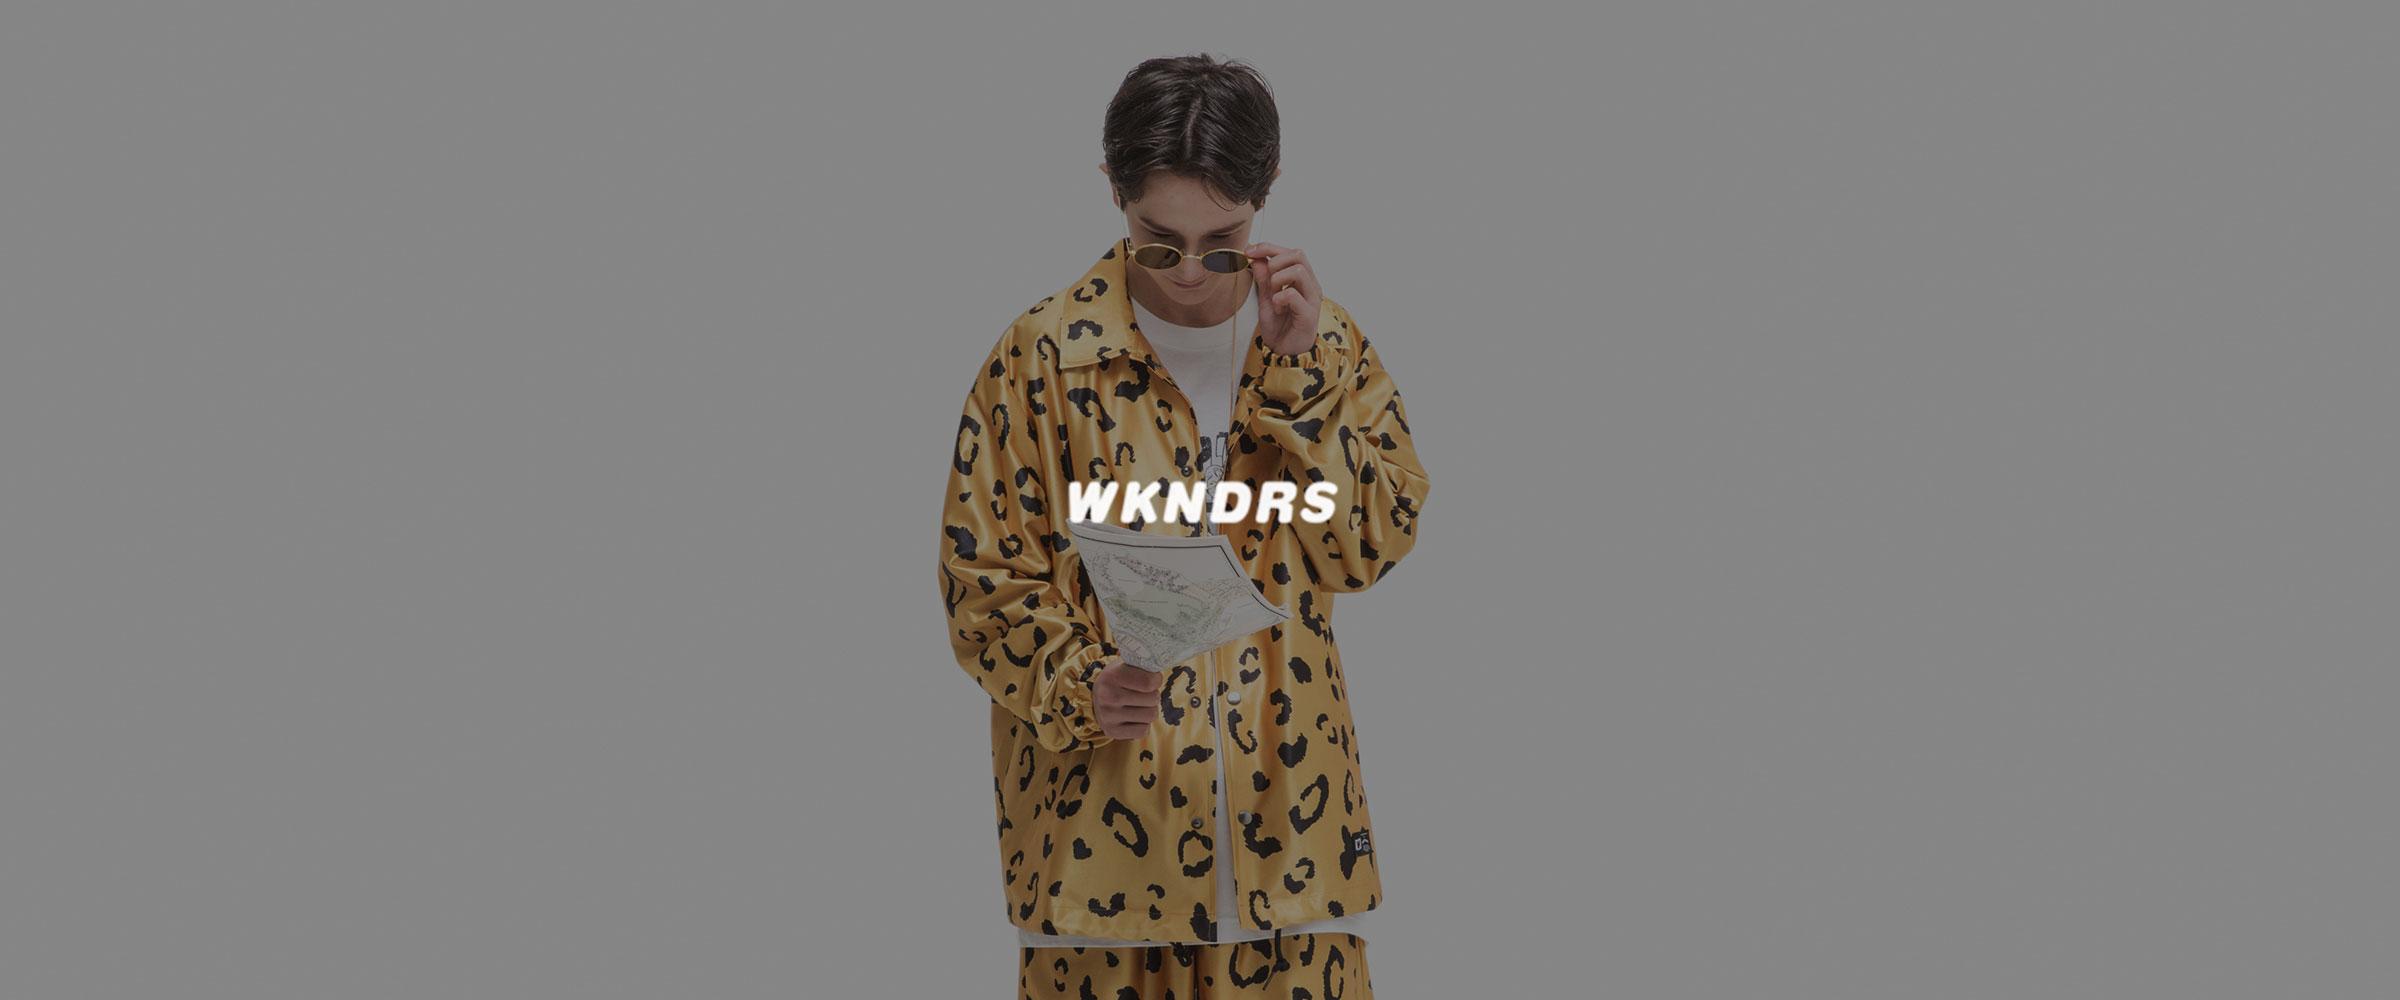 wkndrs.jpg